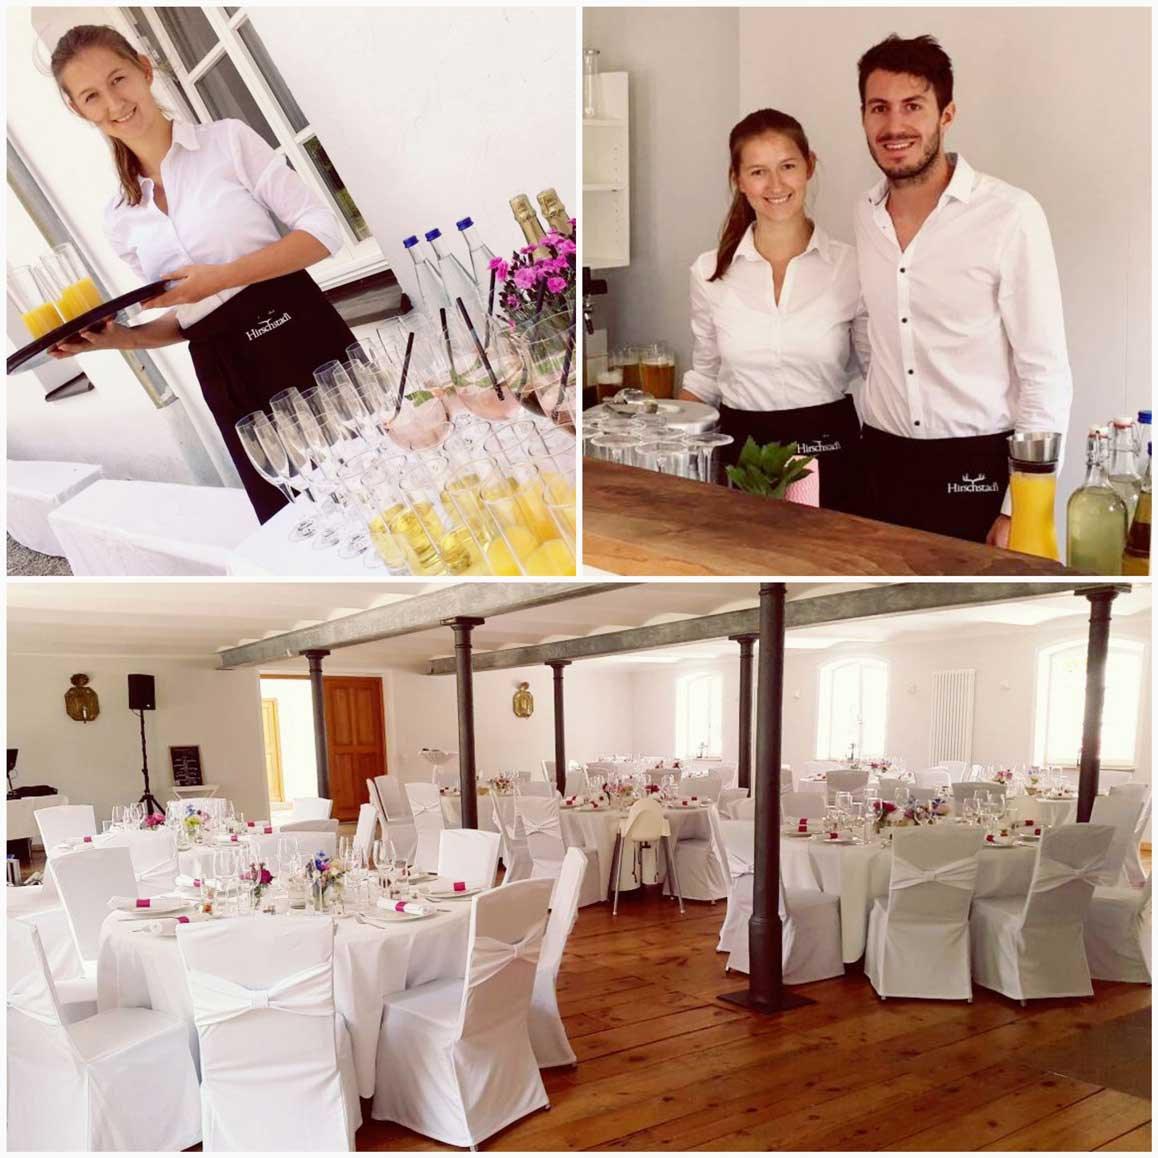 Sevicepersonal für den mobilen Cocktailservice mieten im Großraum München auch mit mobile Barkeeper